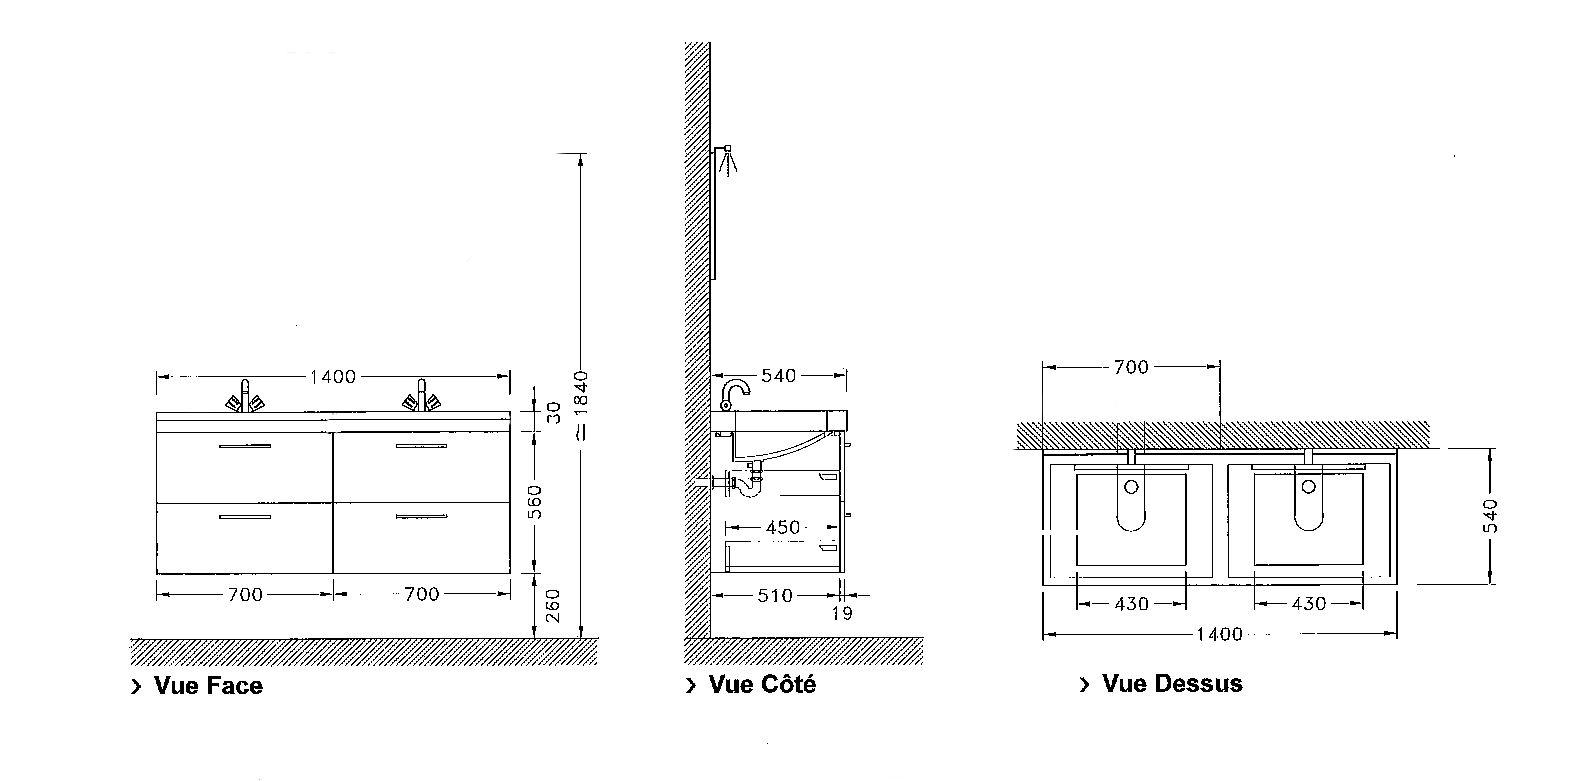 Meuble sous vasque 100 cm 3 ukbix for Meuble sous vasque 100 cm